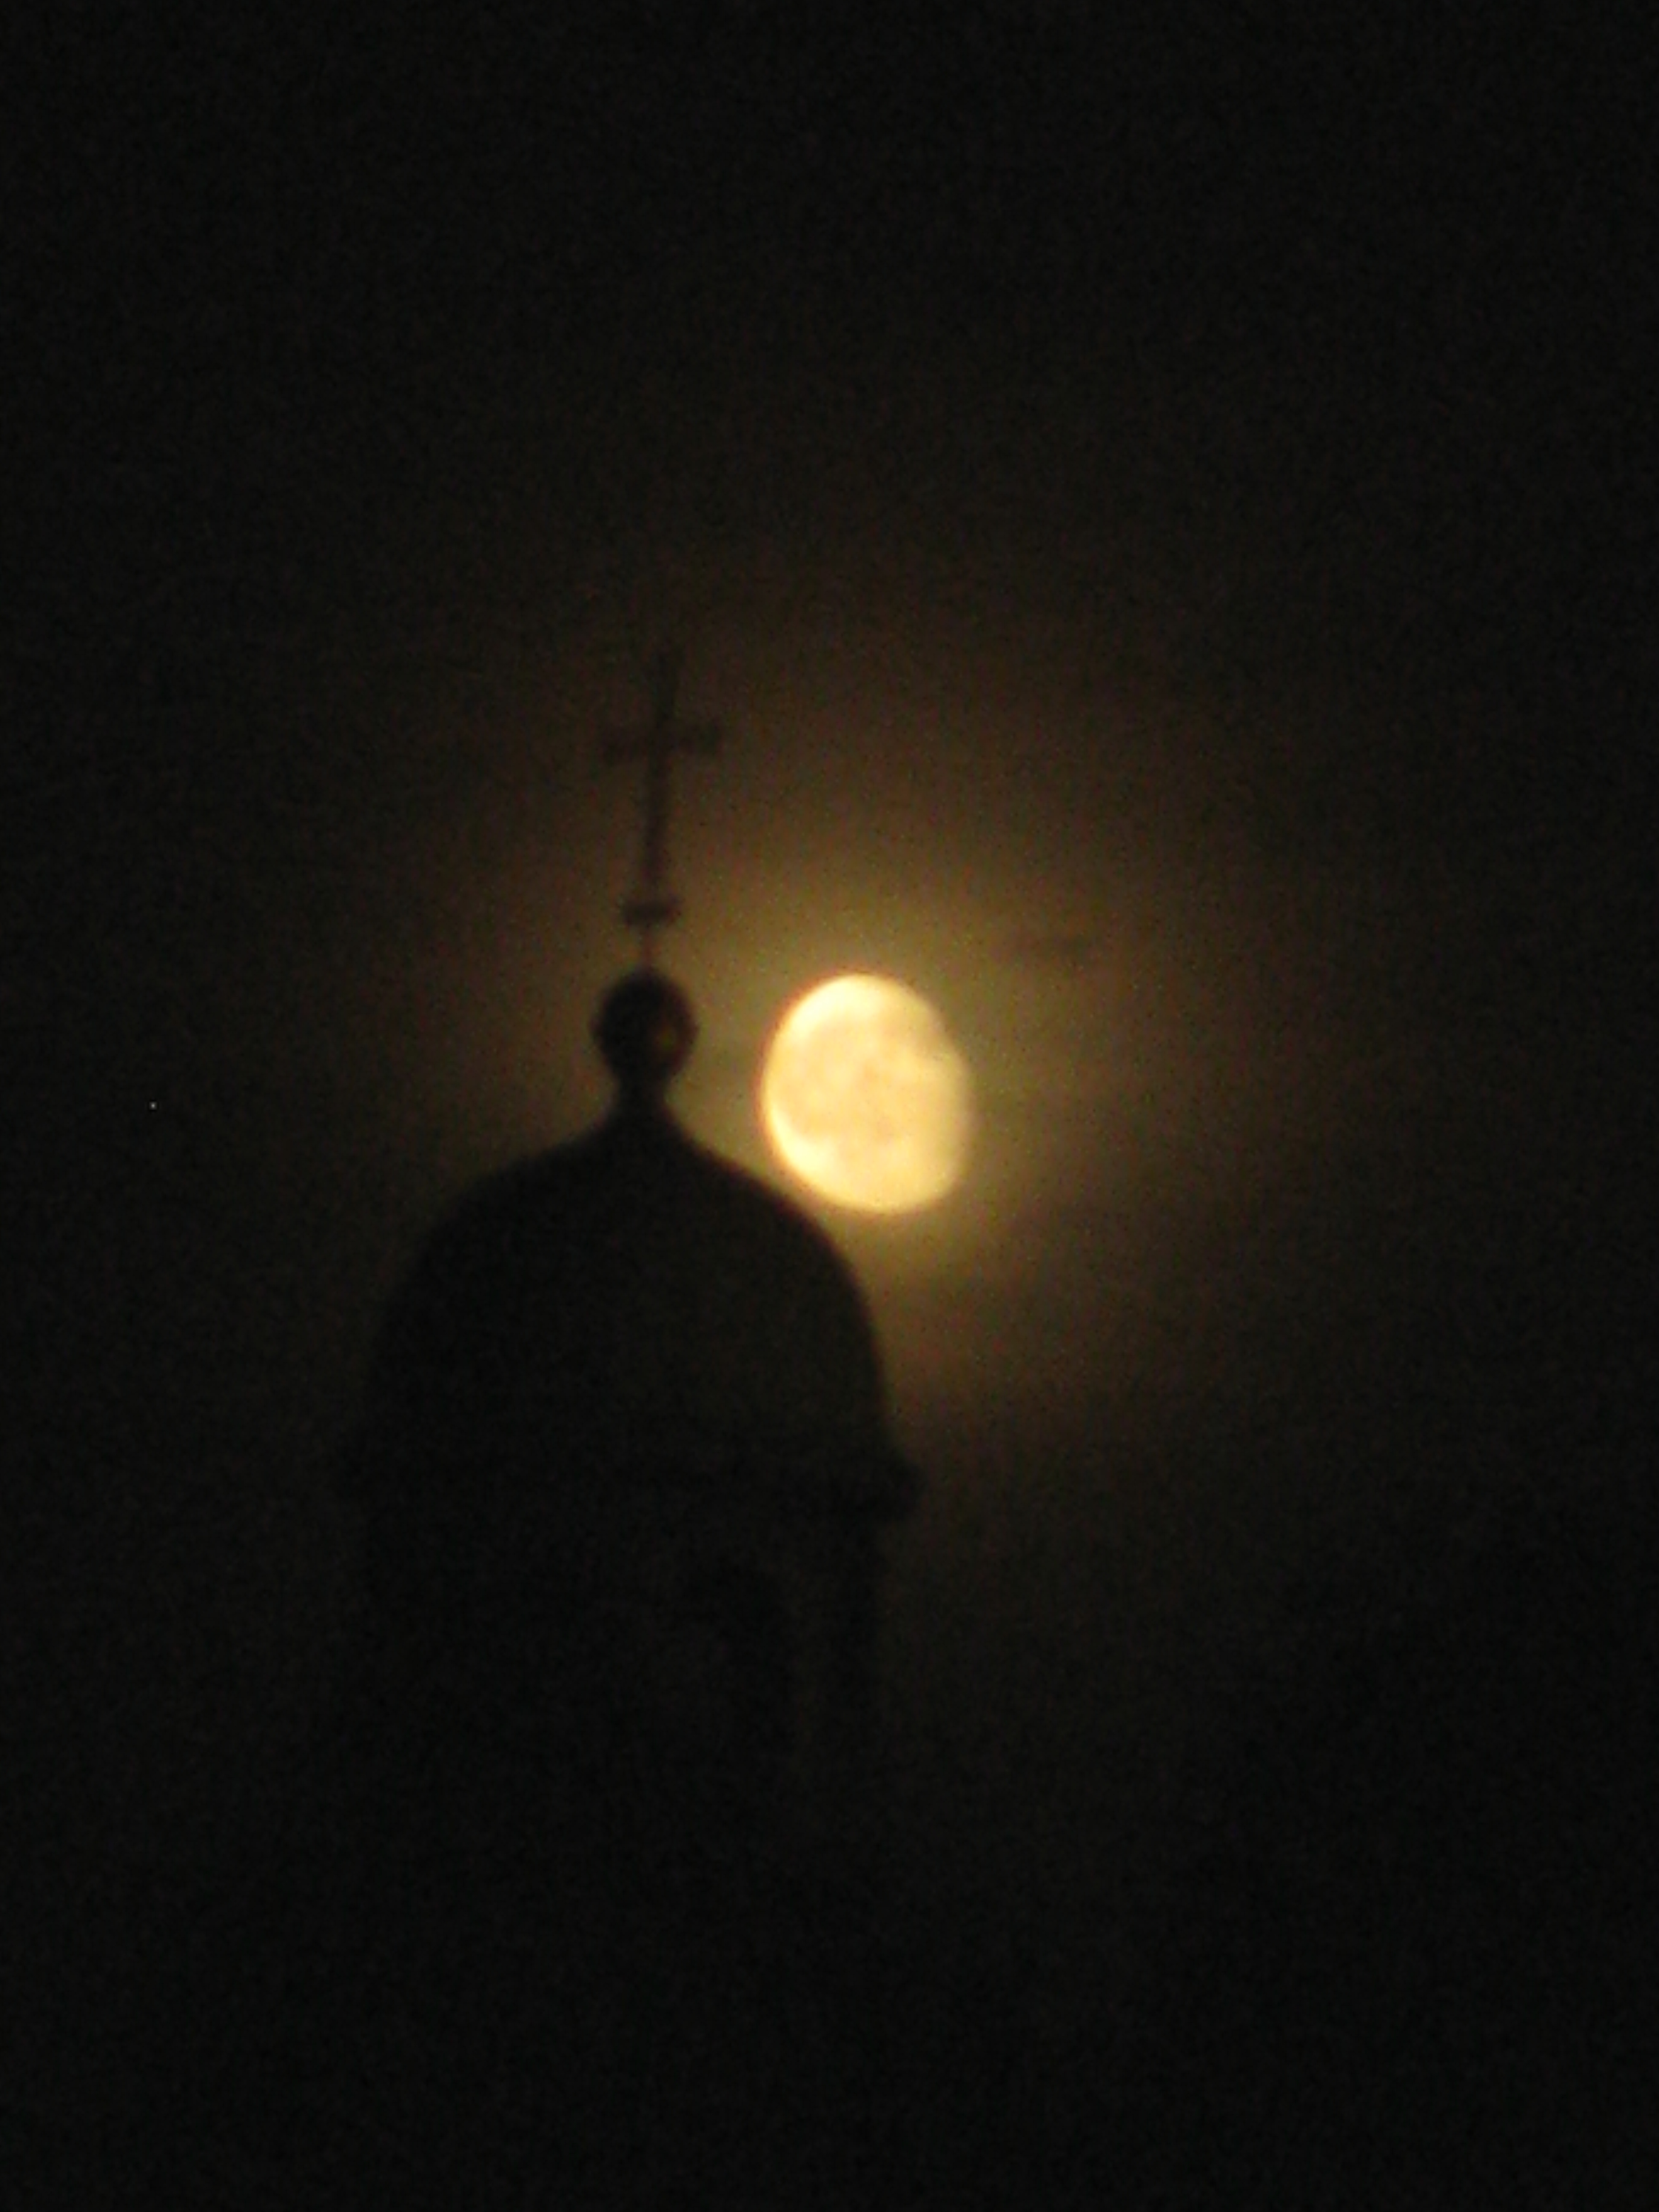 ירח מתגנב בפראג by Shulamit Sapir-Nevo - Illustrated by צילומים ,אסיף רוזנברג   ובני דואניס - Ourboox.com